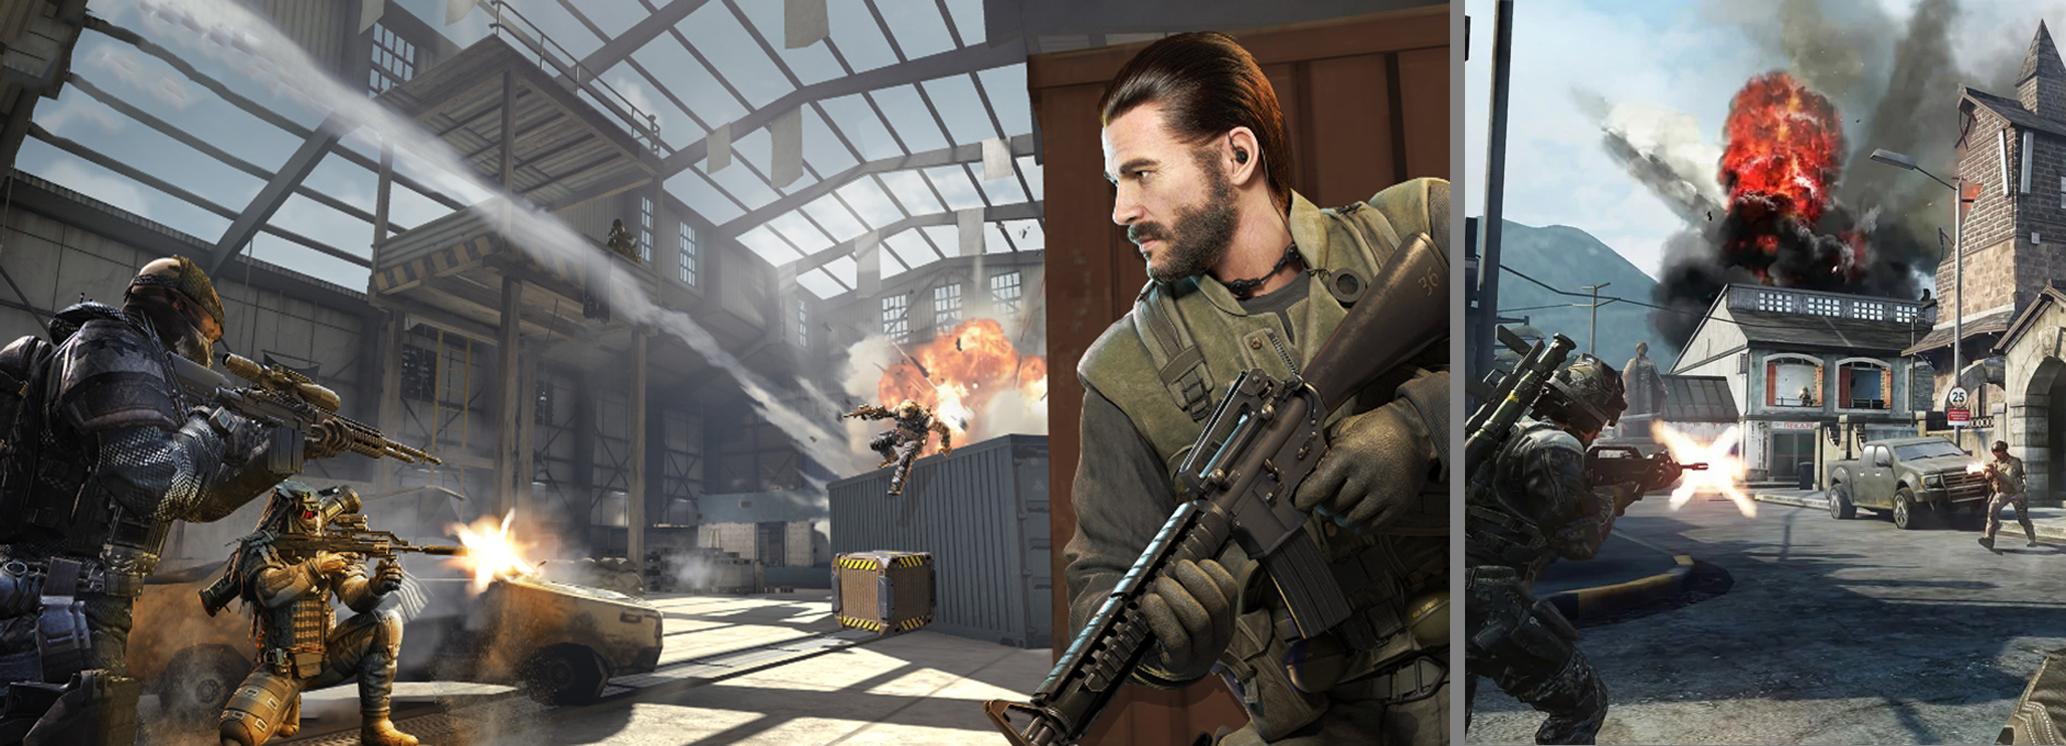 Call of Duty: Mobile VN – Hành trình từ huyền thoại của ngành game thế giới đến tượng đài bất diệt FPS di động - Ảnh 10.